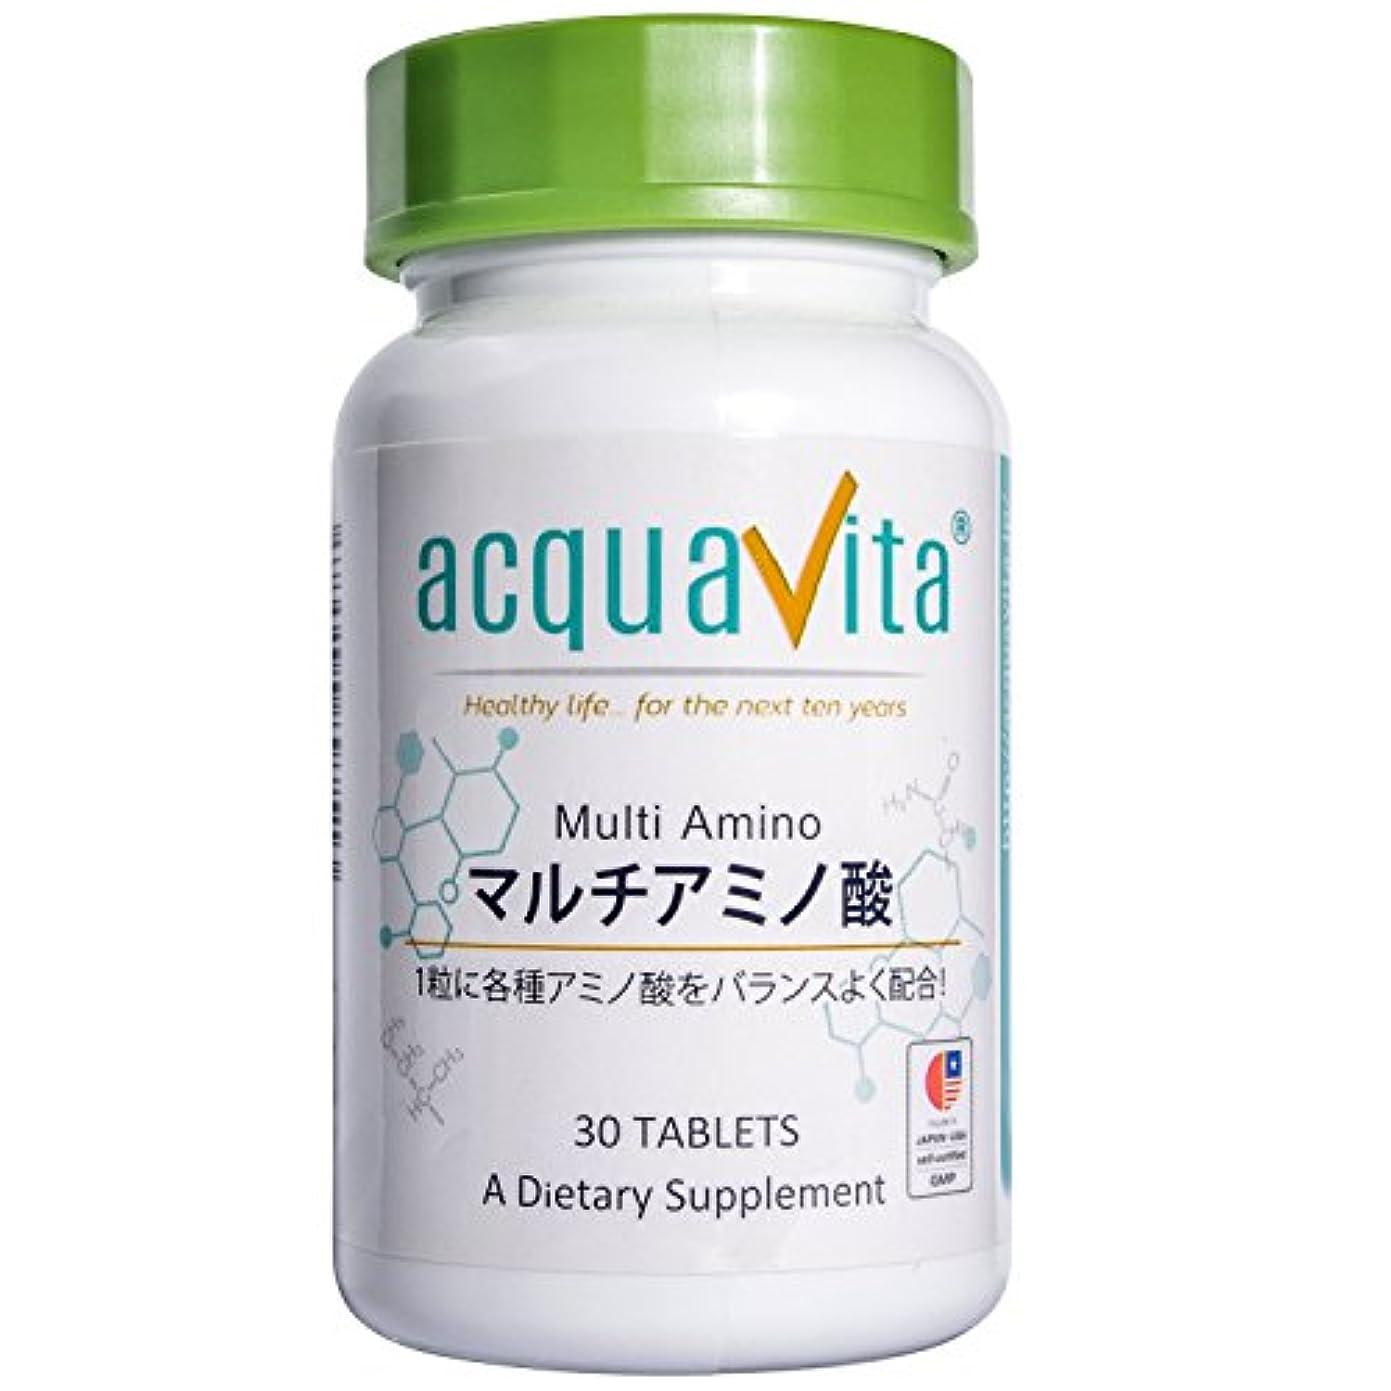 ホールドブロッサムリゾートacquavita(アクアヴィータ) マルチアミノ酸 30粒